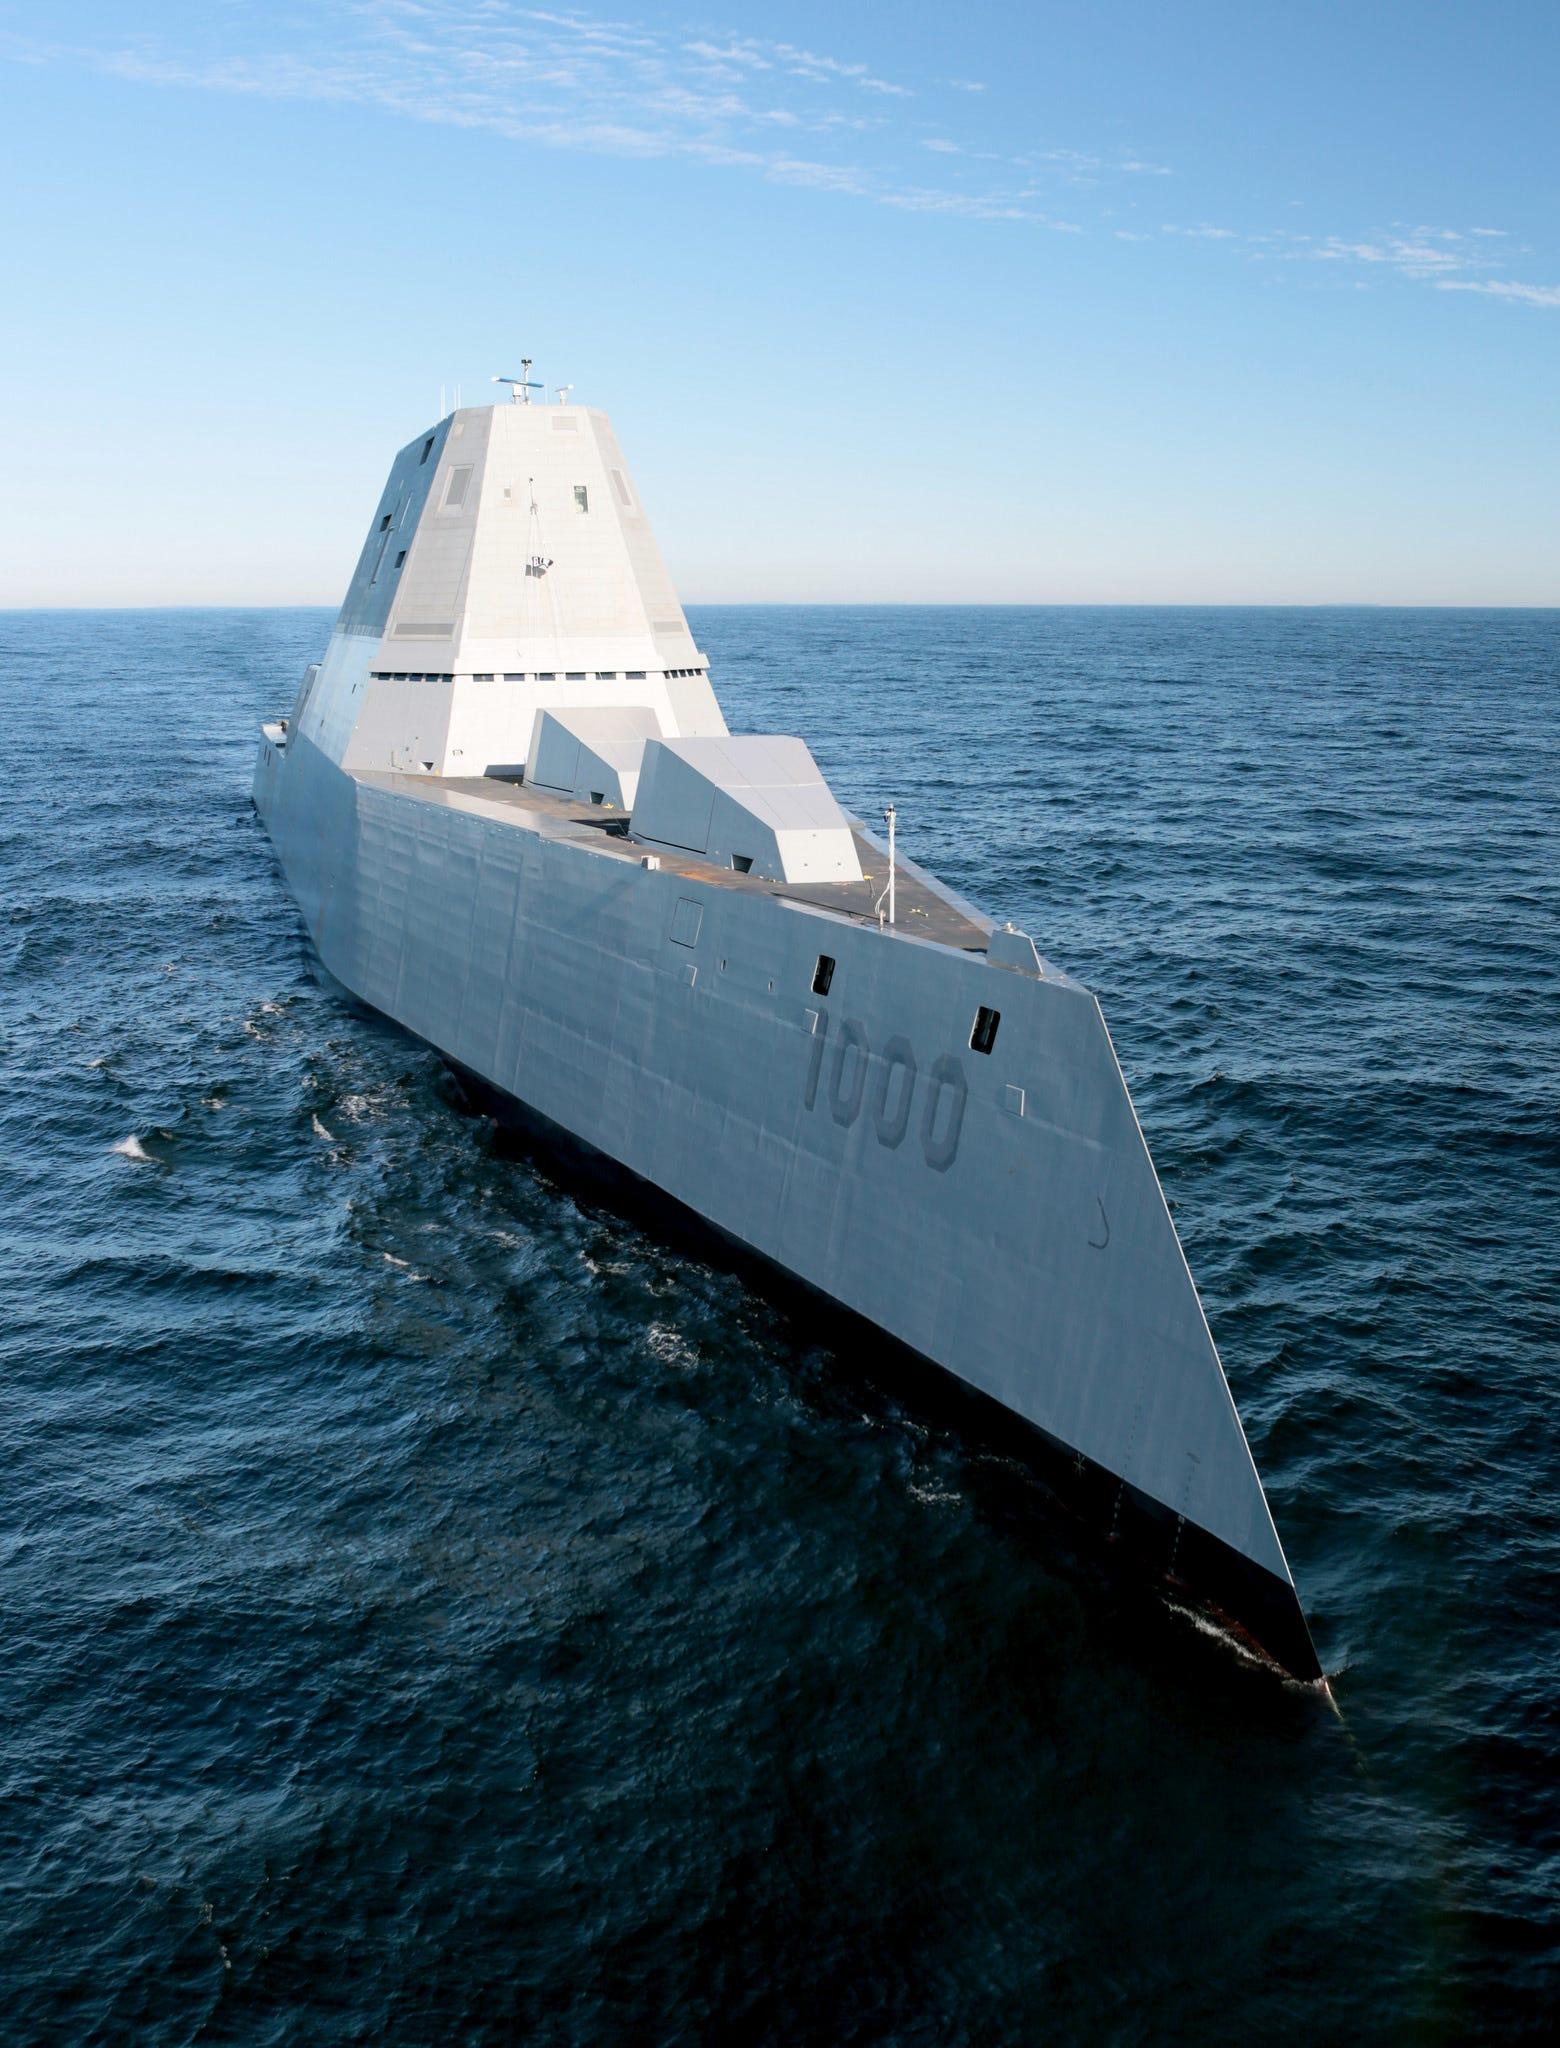 USS Zumwalt (DDG 1000) vertical & Zumwalt Commissioning Committee | USS ZUMWALT